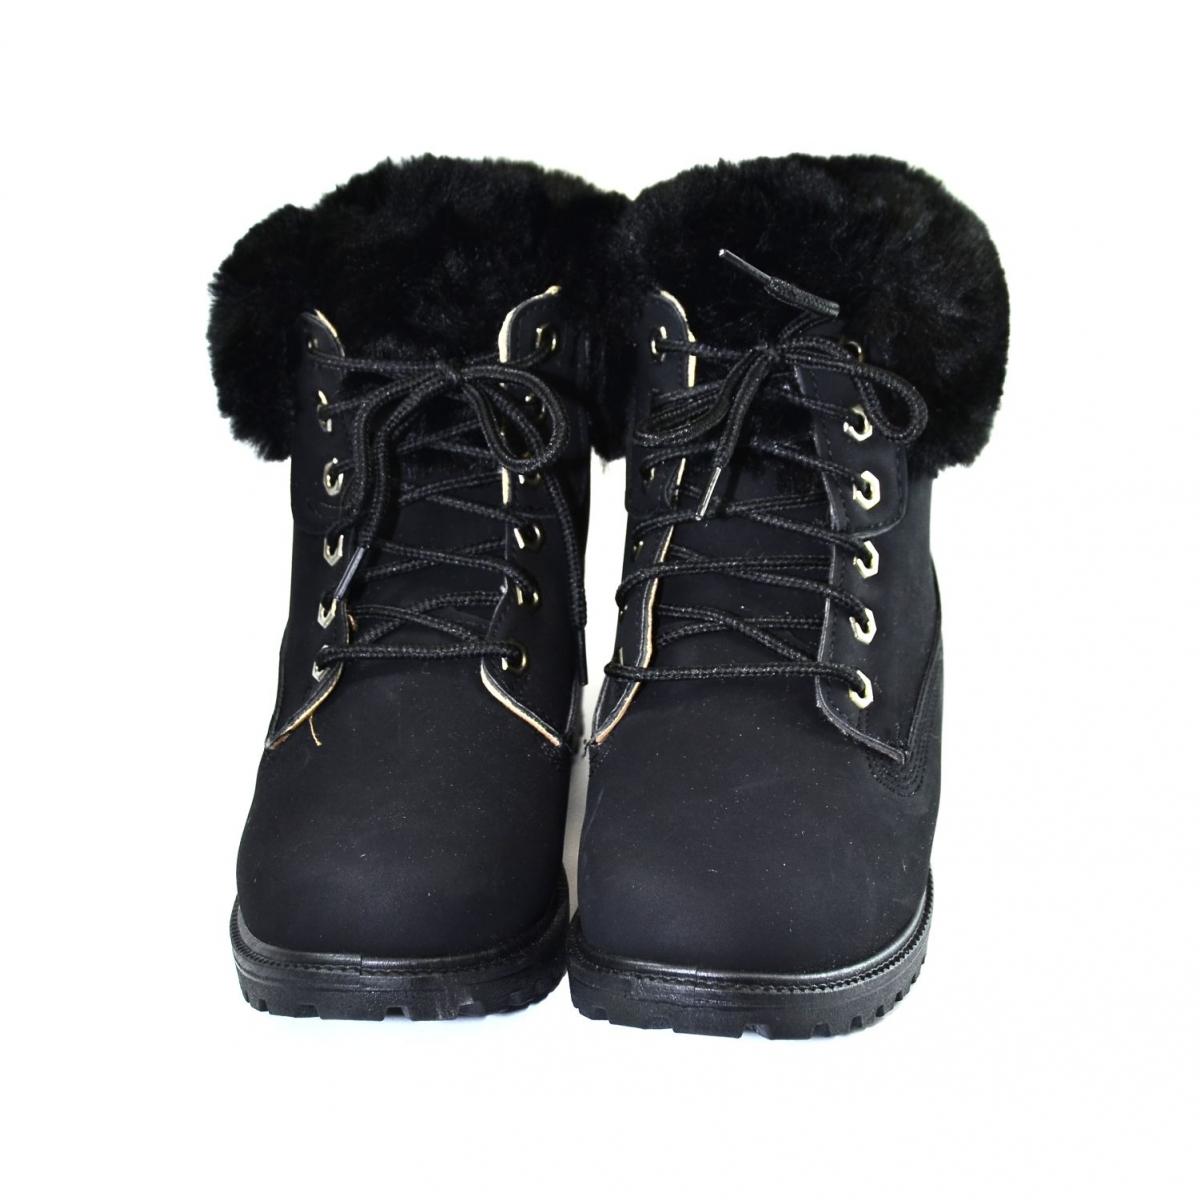 e03c962d8f73 Dámske čierne topánky STELLA - 2